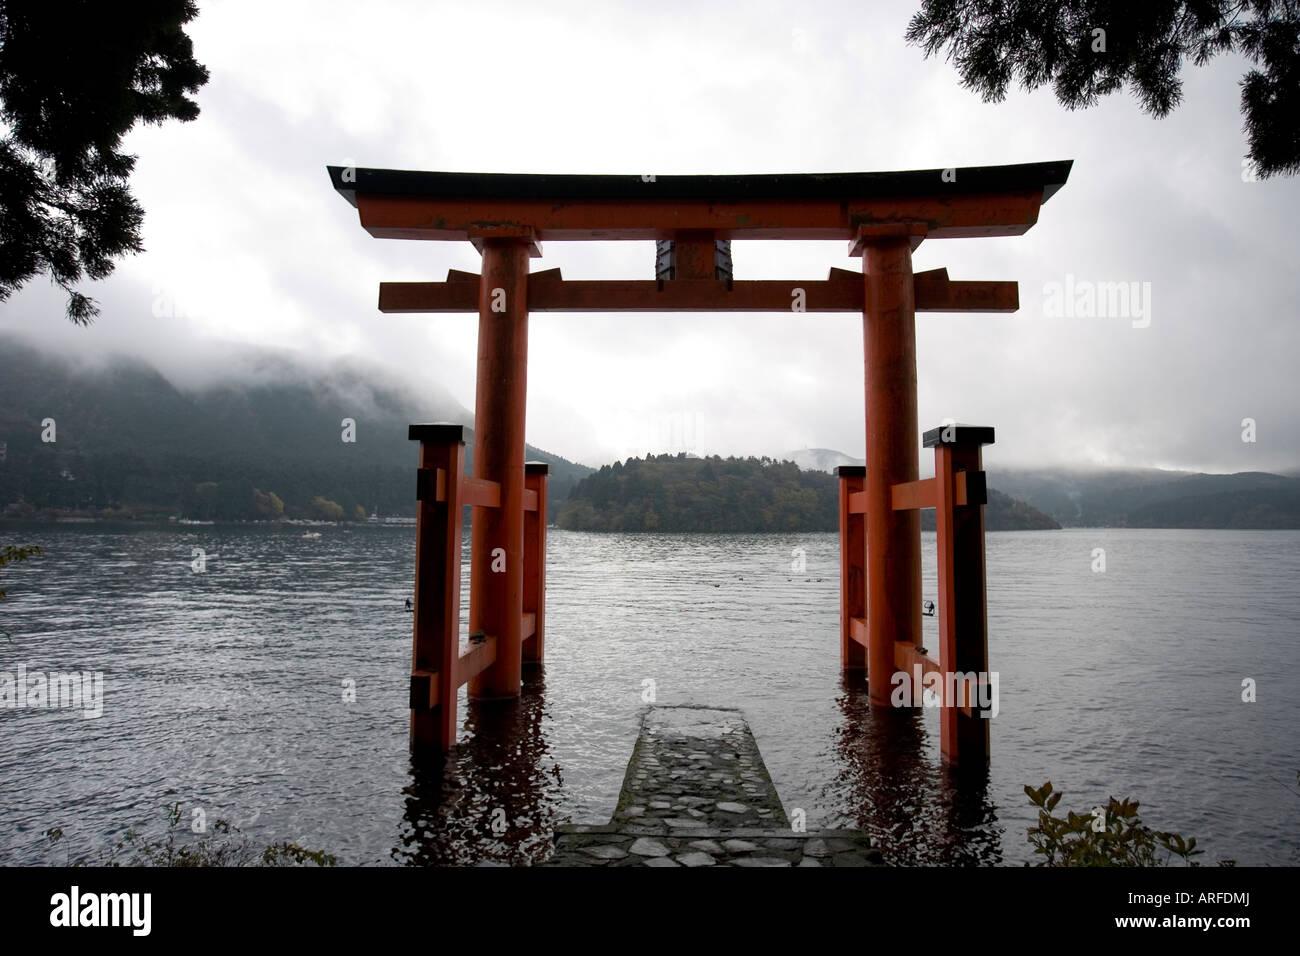 red torri gate at the foot of Mt Komagatake lake Ashi Kanagawa prefecture Japan - Stock Image